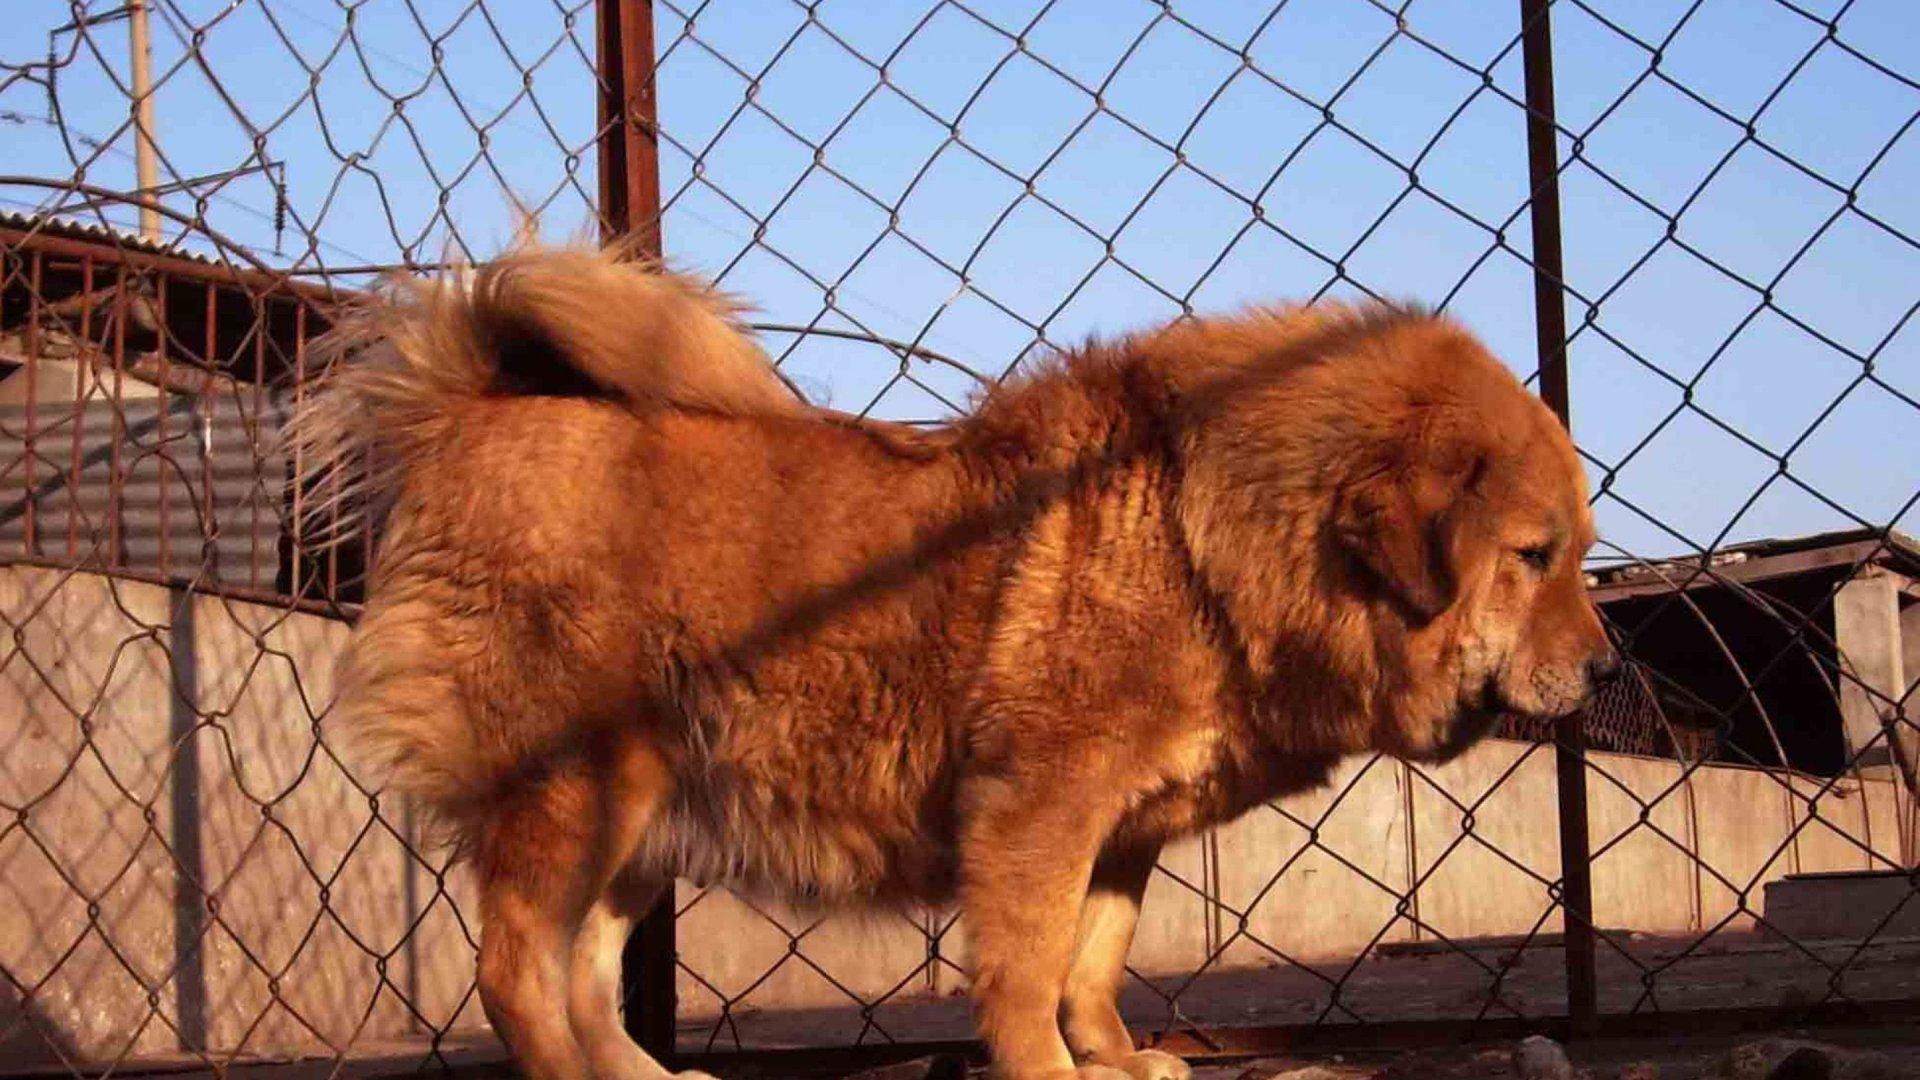 Tibetan Mastiff Wallpapers Download Desktop Wallpaper Images 1920x1080